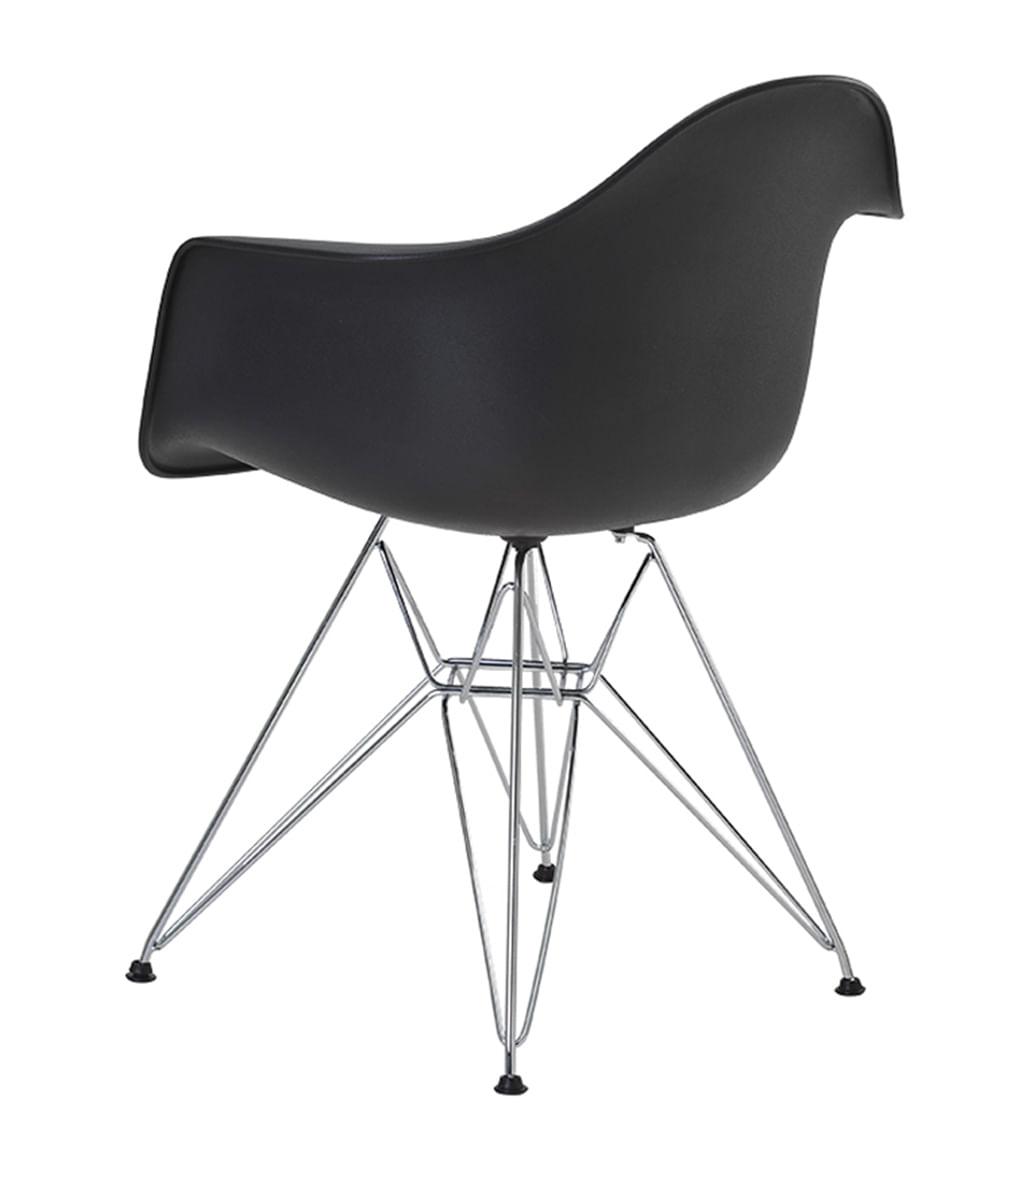 Cadeira Eames Eiffel com Braco Polipropileno cor Preto Base Cromada - 44923